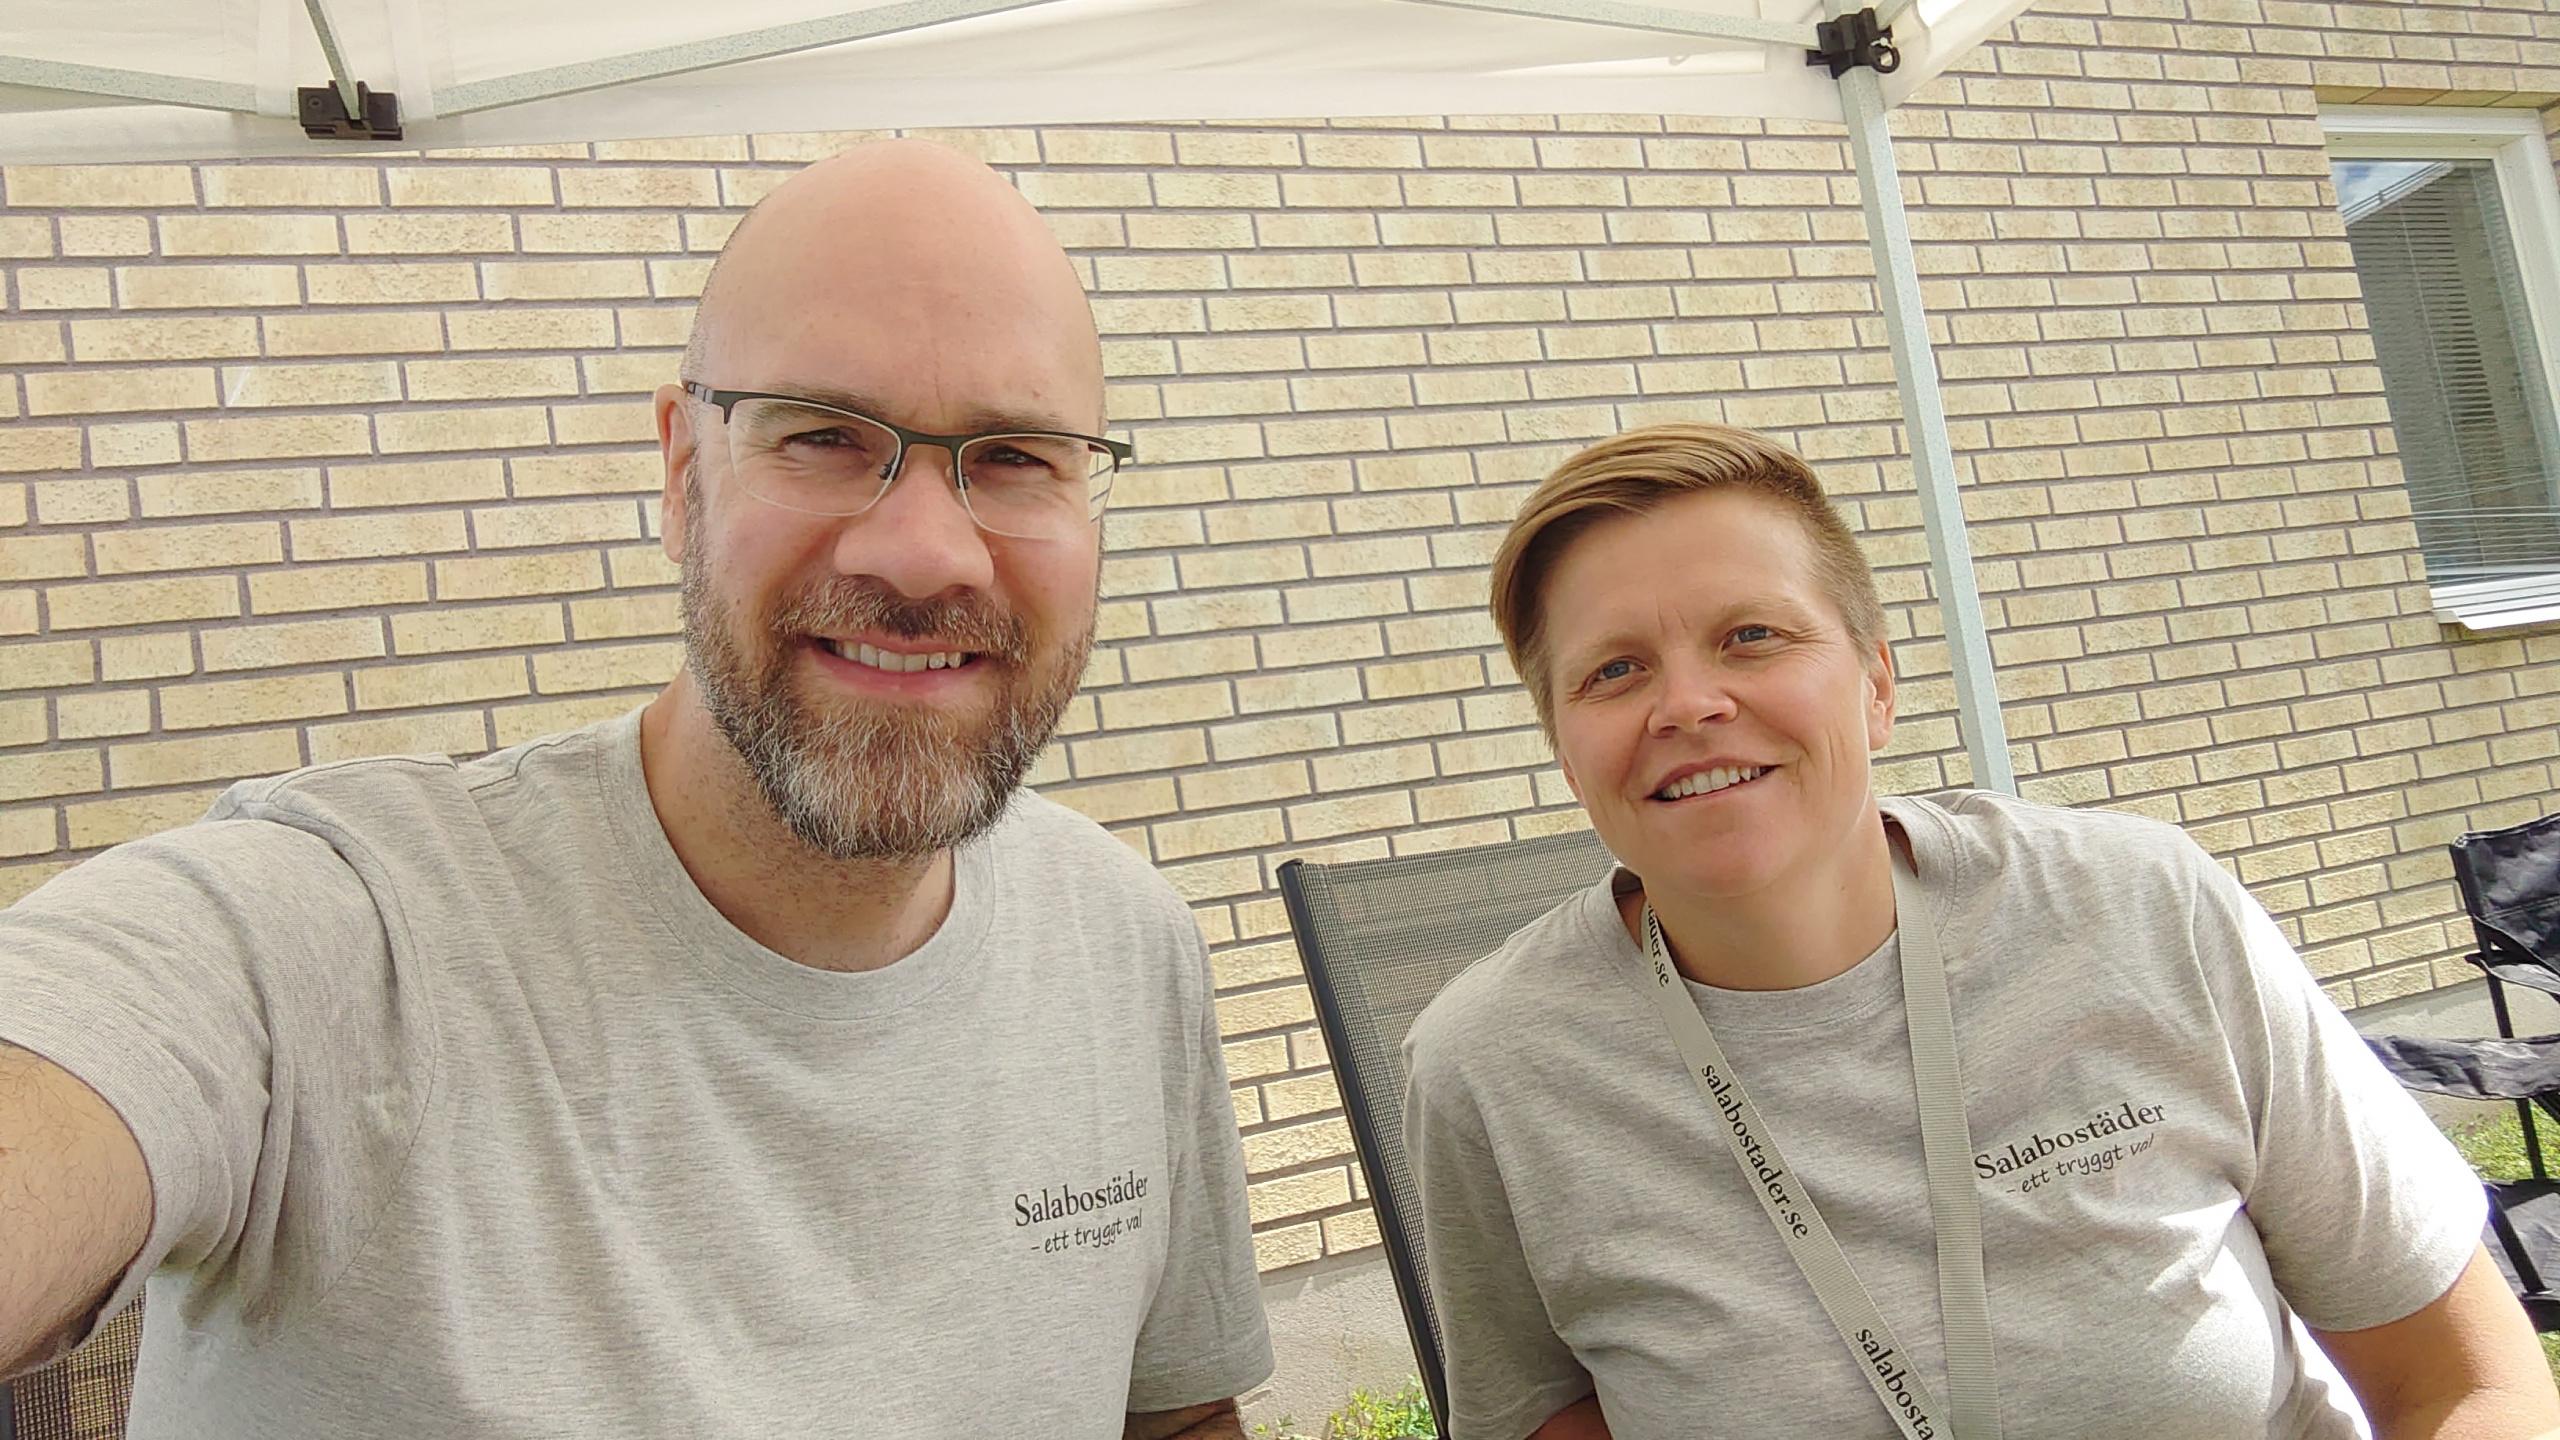 Patrik och Linda ler mot kameran mot en gul tegelvägg